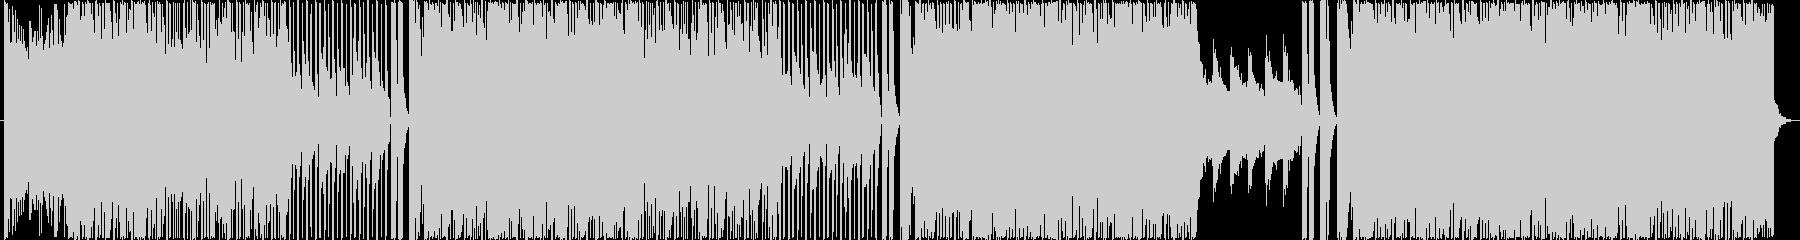 マイケル・ジャクソン系 ダークファンクの未再生の波形